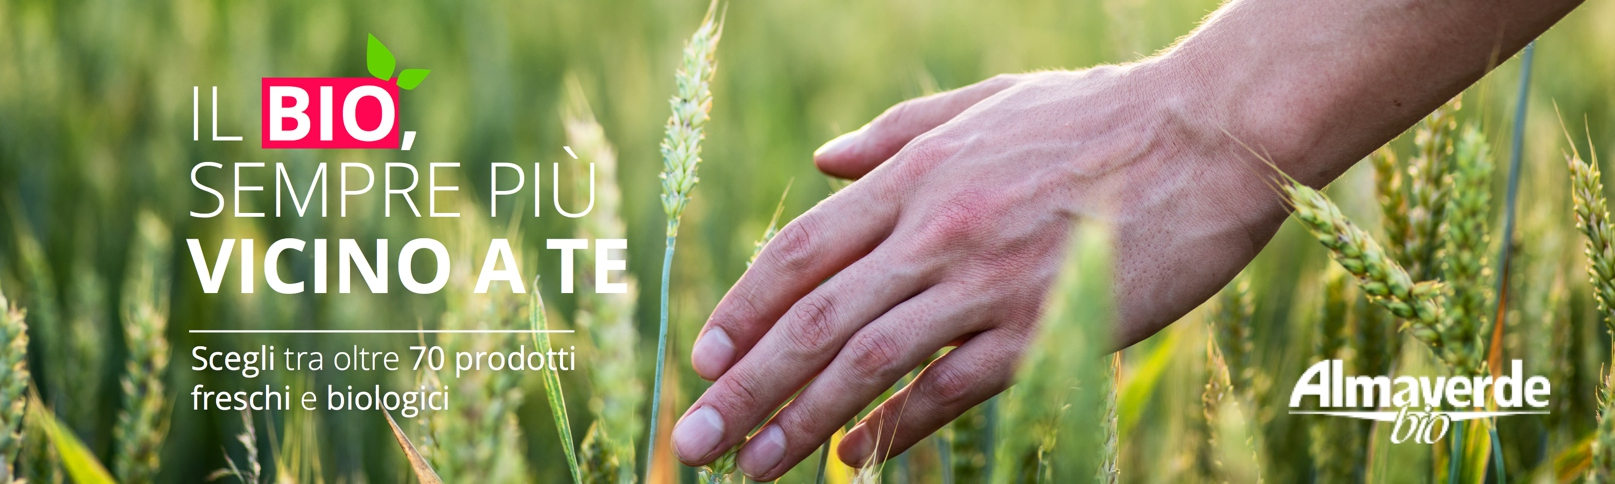 almaverde bio il primo produttore di biologico in italia sbarca su Fruttaweb.com